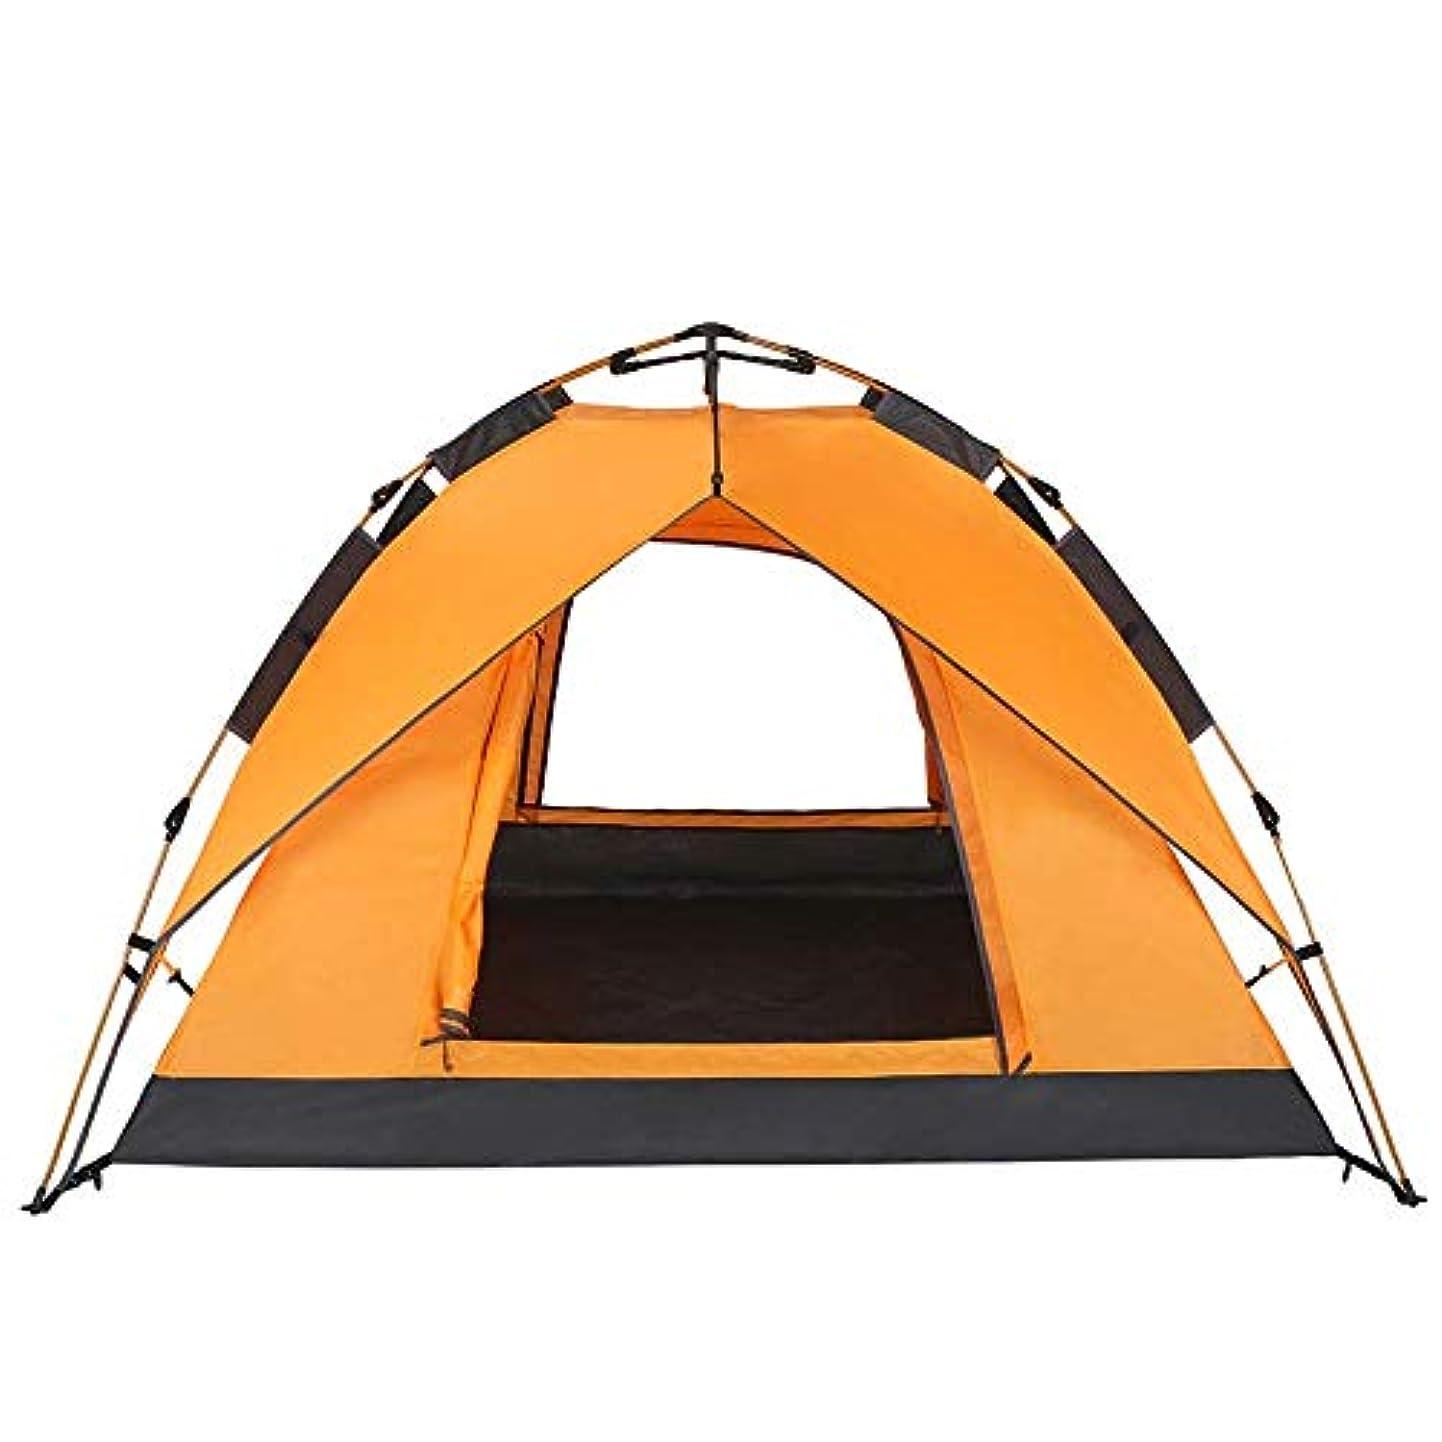 バットピット防腐剤FH テント、屋外油圧自動テントキャンプ旅行レインシェード四季ダブルテント (色 : オレンジ)